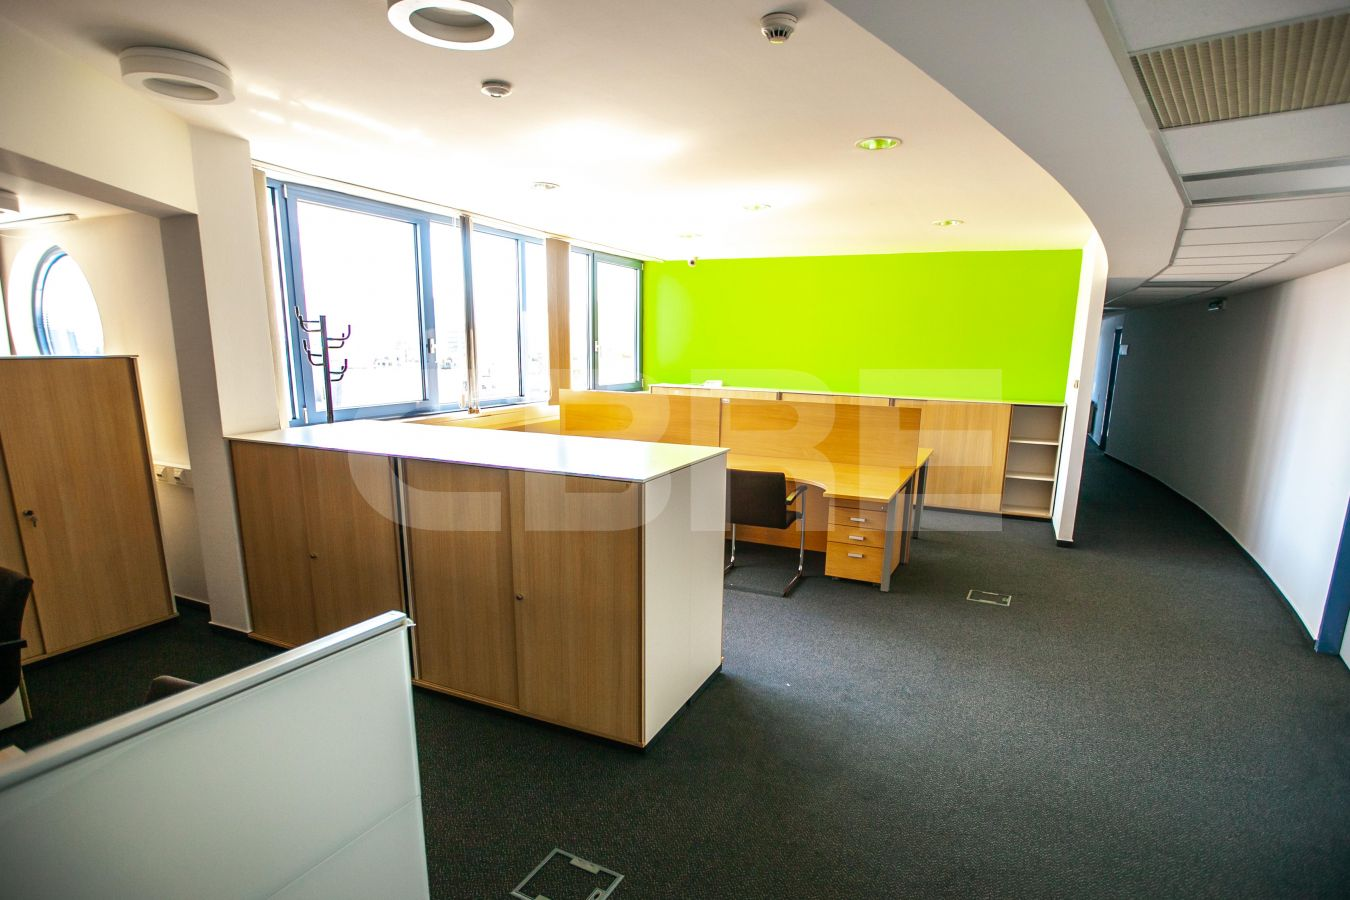 Vysoká 9, Bratislava - Staré Mesto | Offices for rent by CBRE | 2